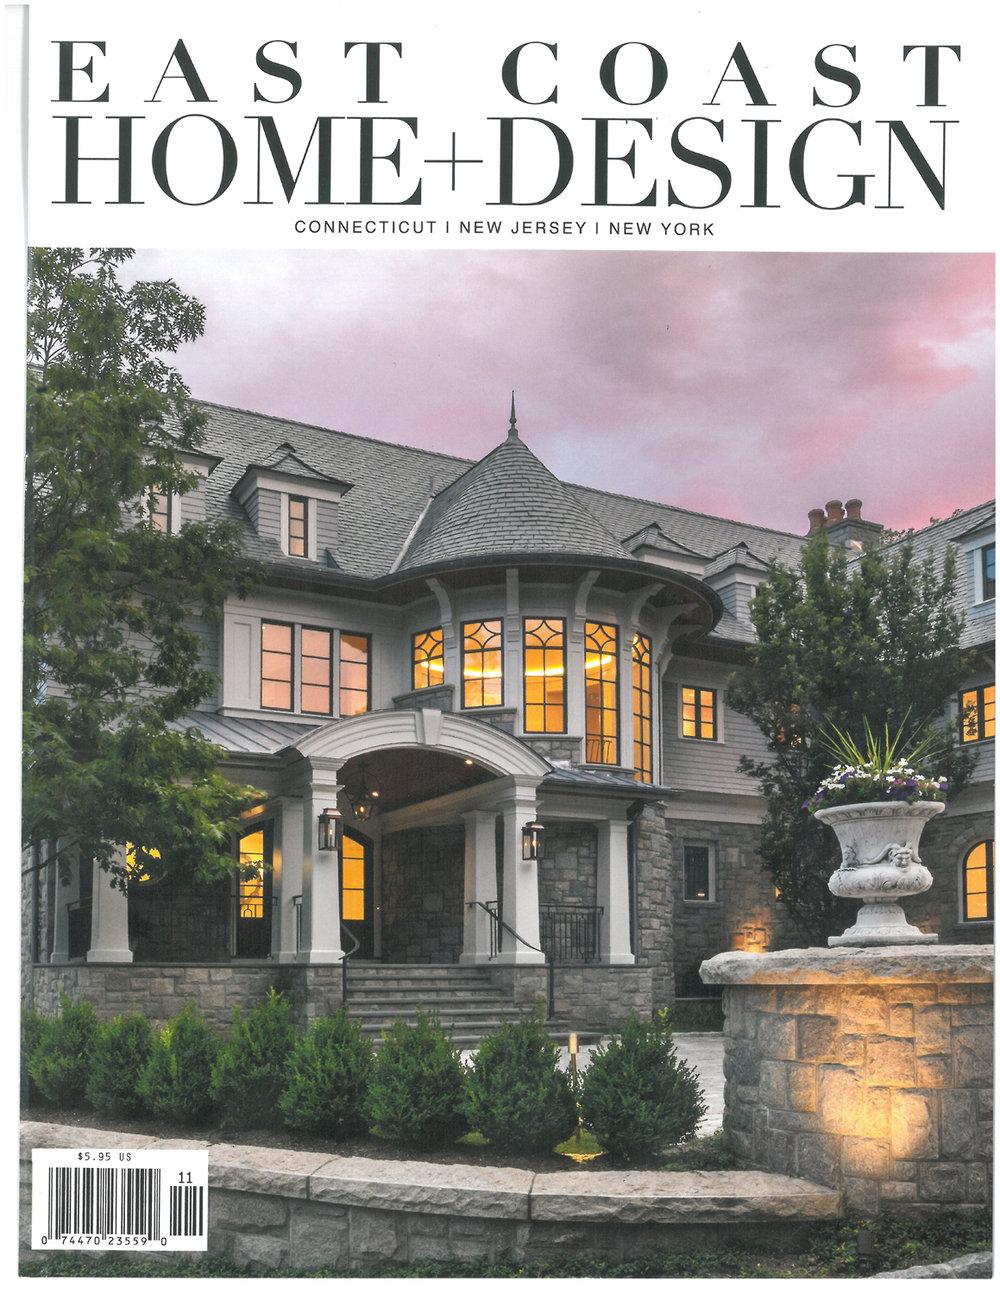 East Coast Home Design, September 2017